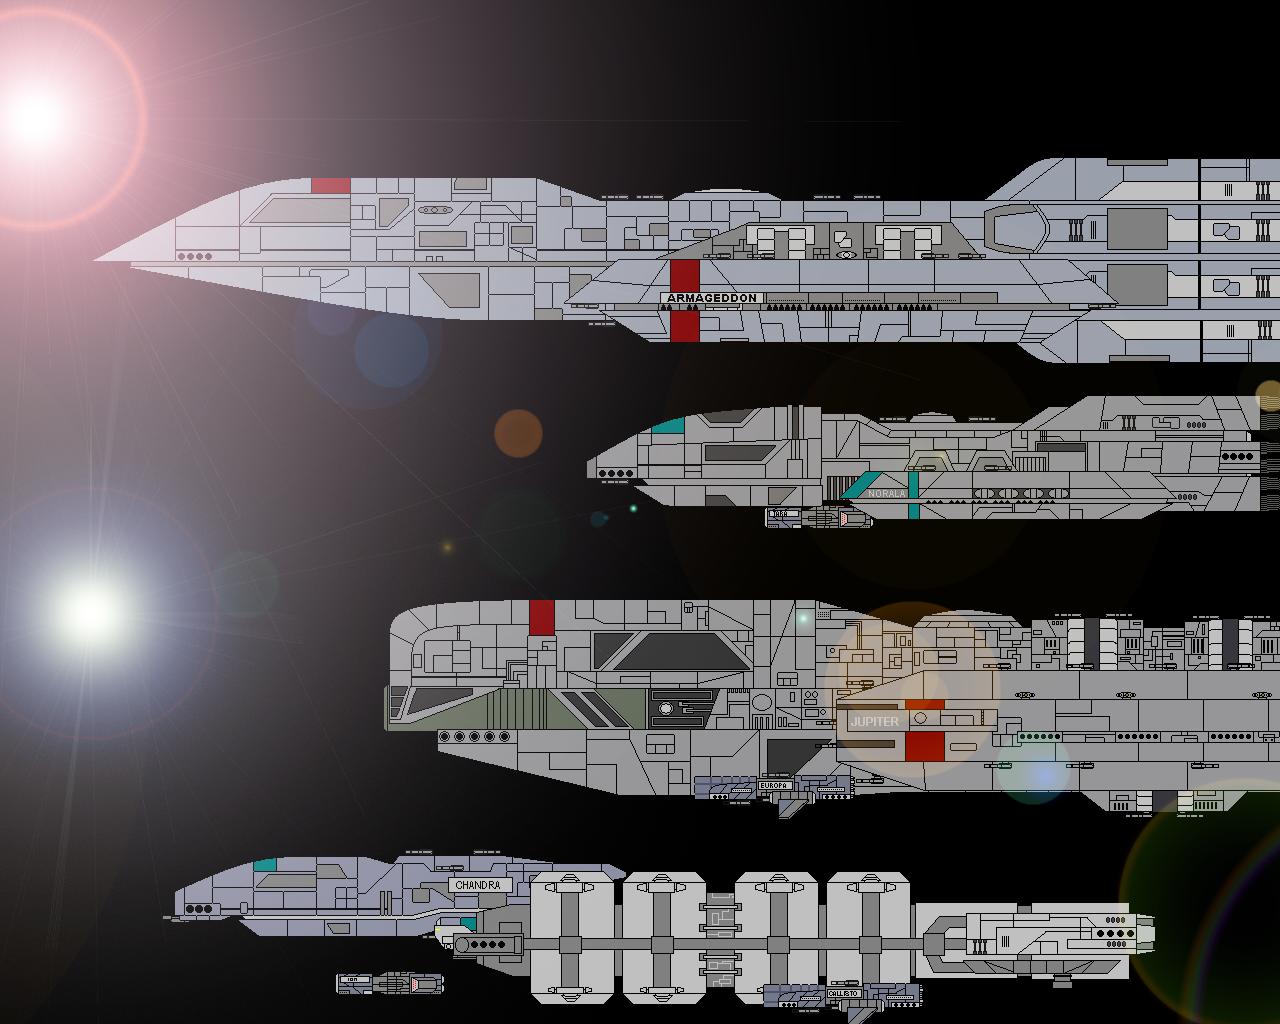 aa fleet